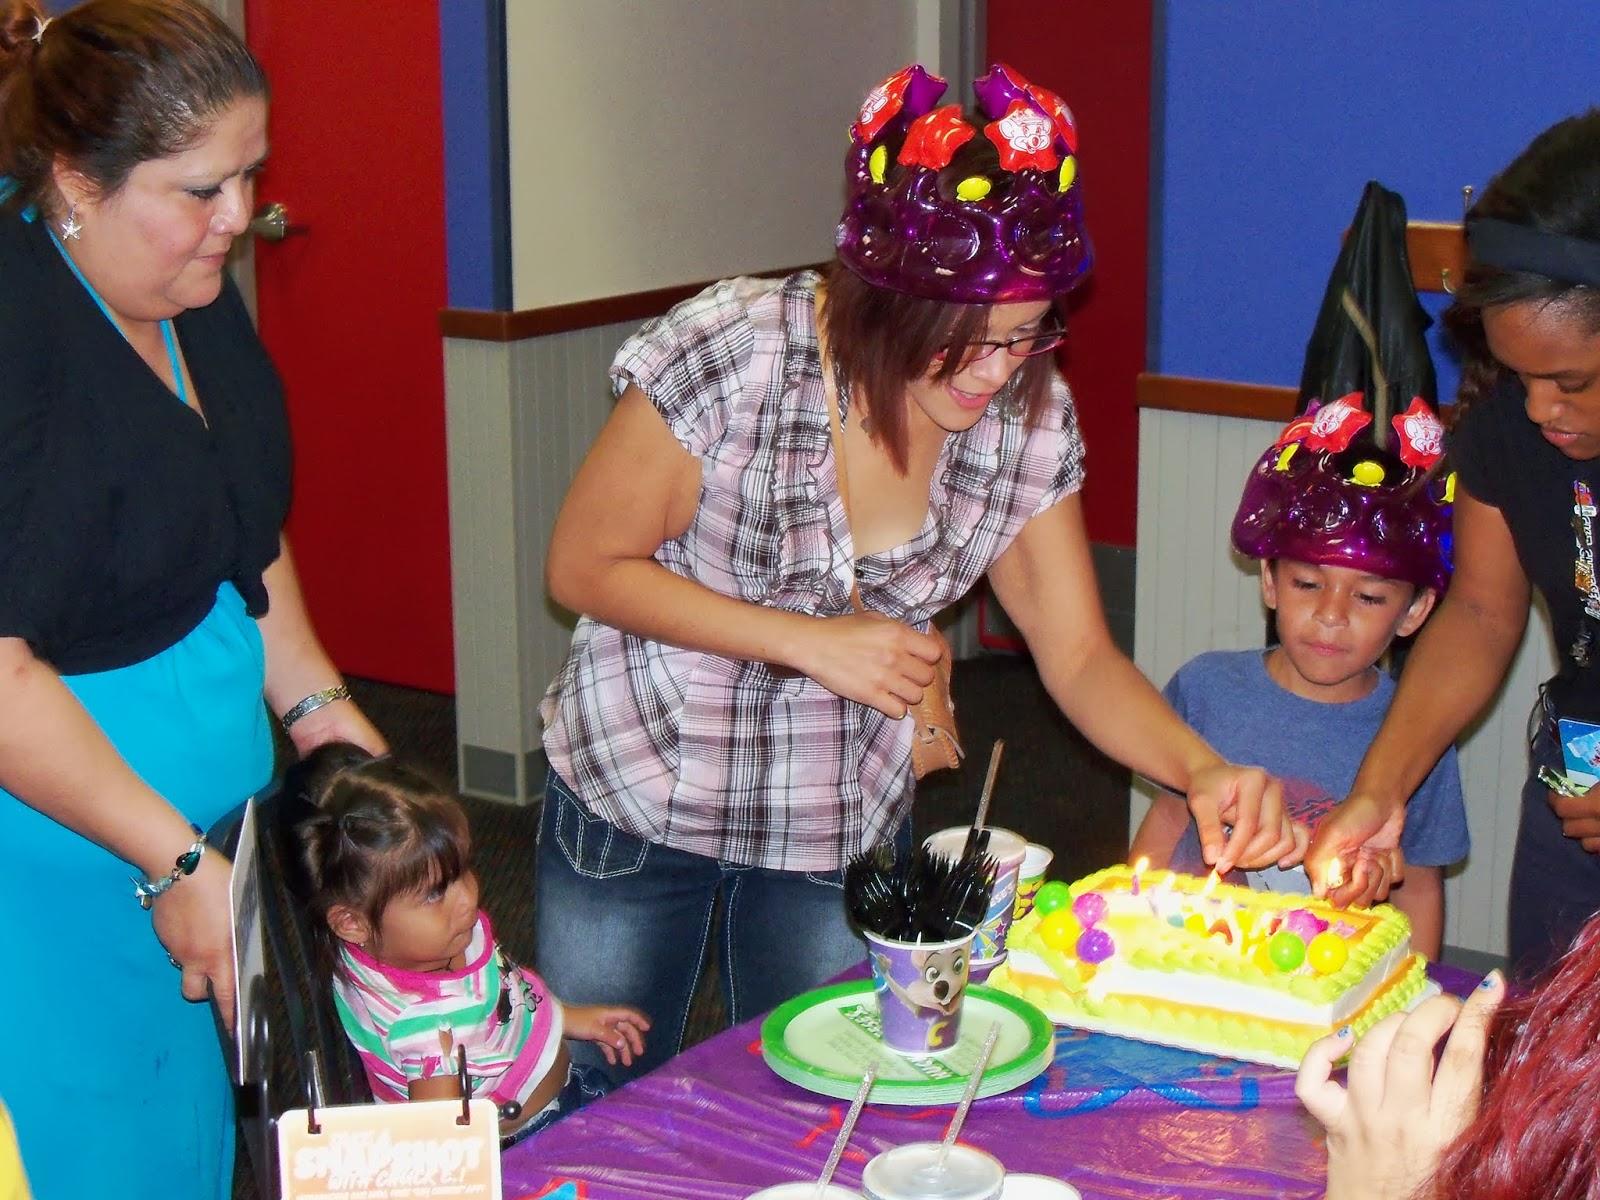 Jaidens Birthday Party - 115_7317.JPG